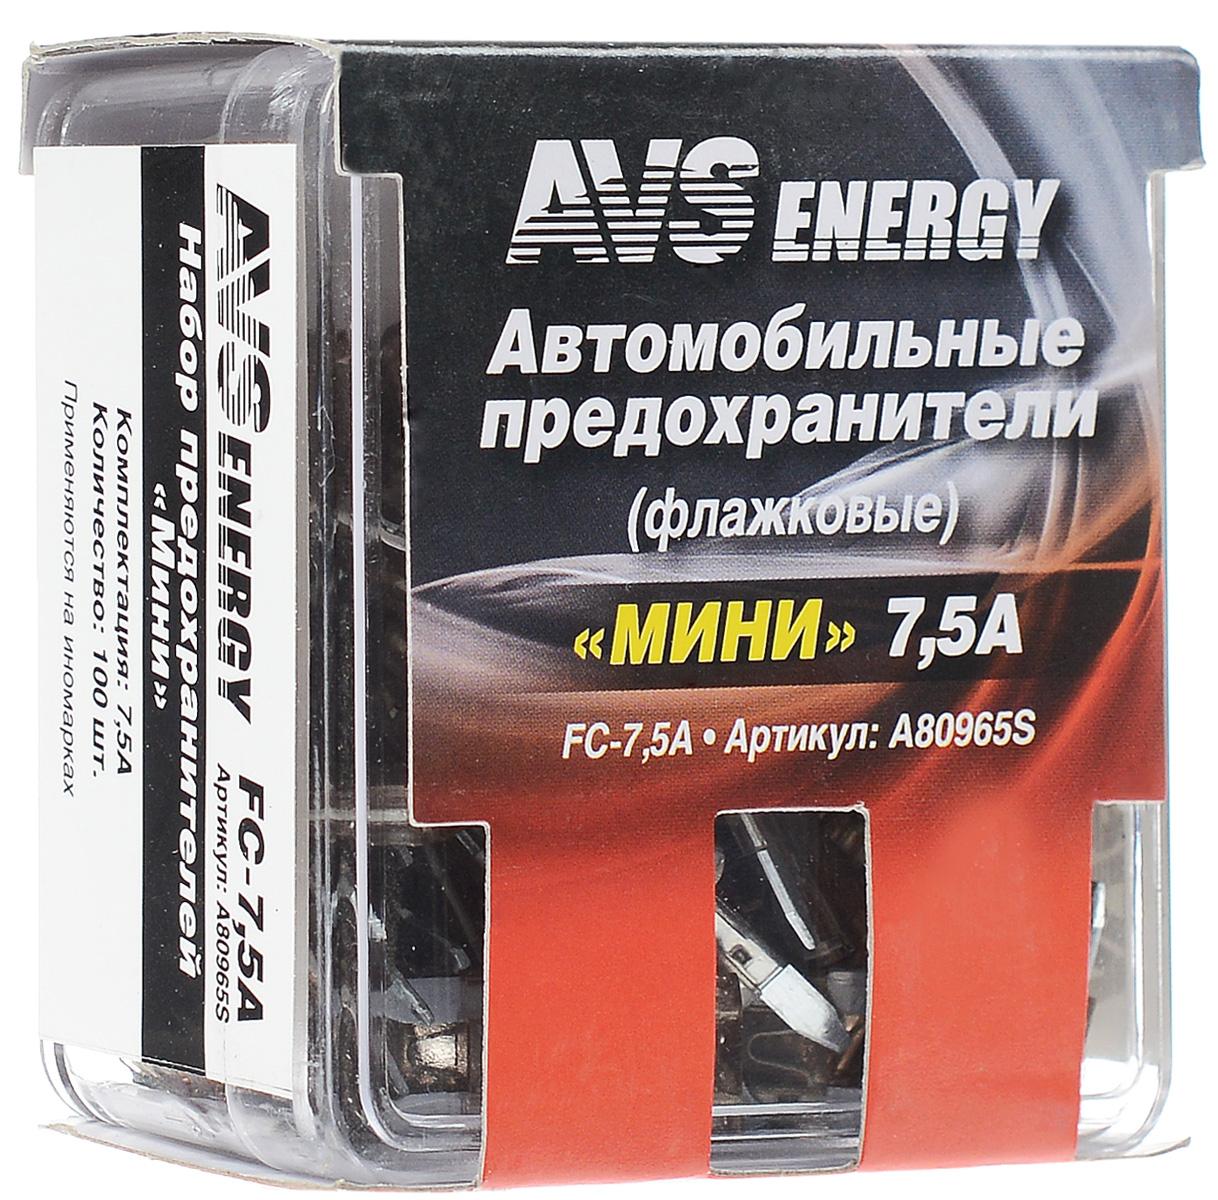 Набор автомобильных предохранителей AVS Мини, 7,5А, 100 штA80965SАвтомобильные флажковые предохранители AVS помогут защитить электрические цепи автомобиля от короткого замыкания и позволят без проблем заменить сгоревший предохранитель в автомобиле. Корпус предохранителя выполнен из прозрачного пластика, а элемент - из цинкового сплава. Набор автомобильных предохранителей Мини применяется на иномарках. Номинал: 7,5А. Тип: флажковые.